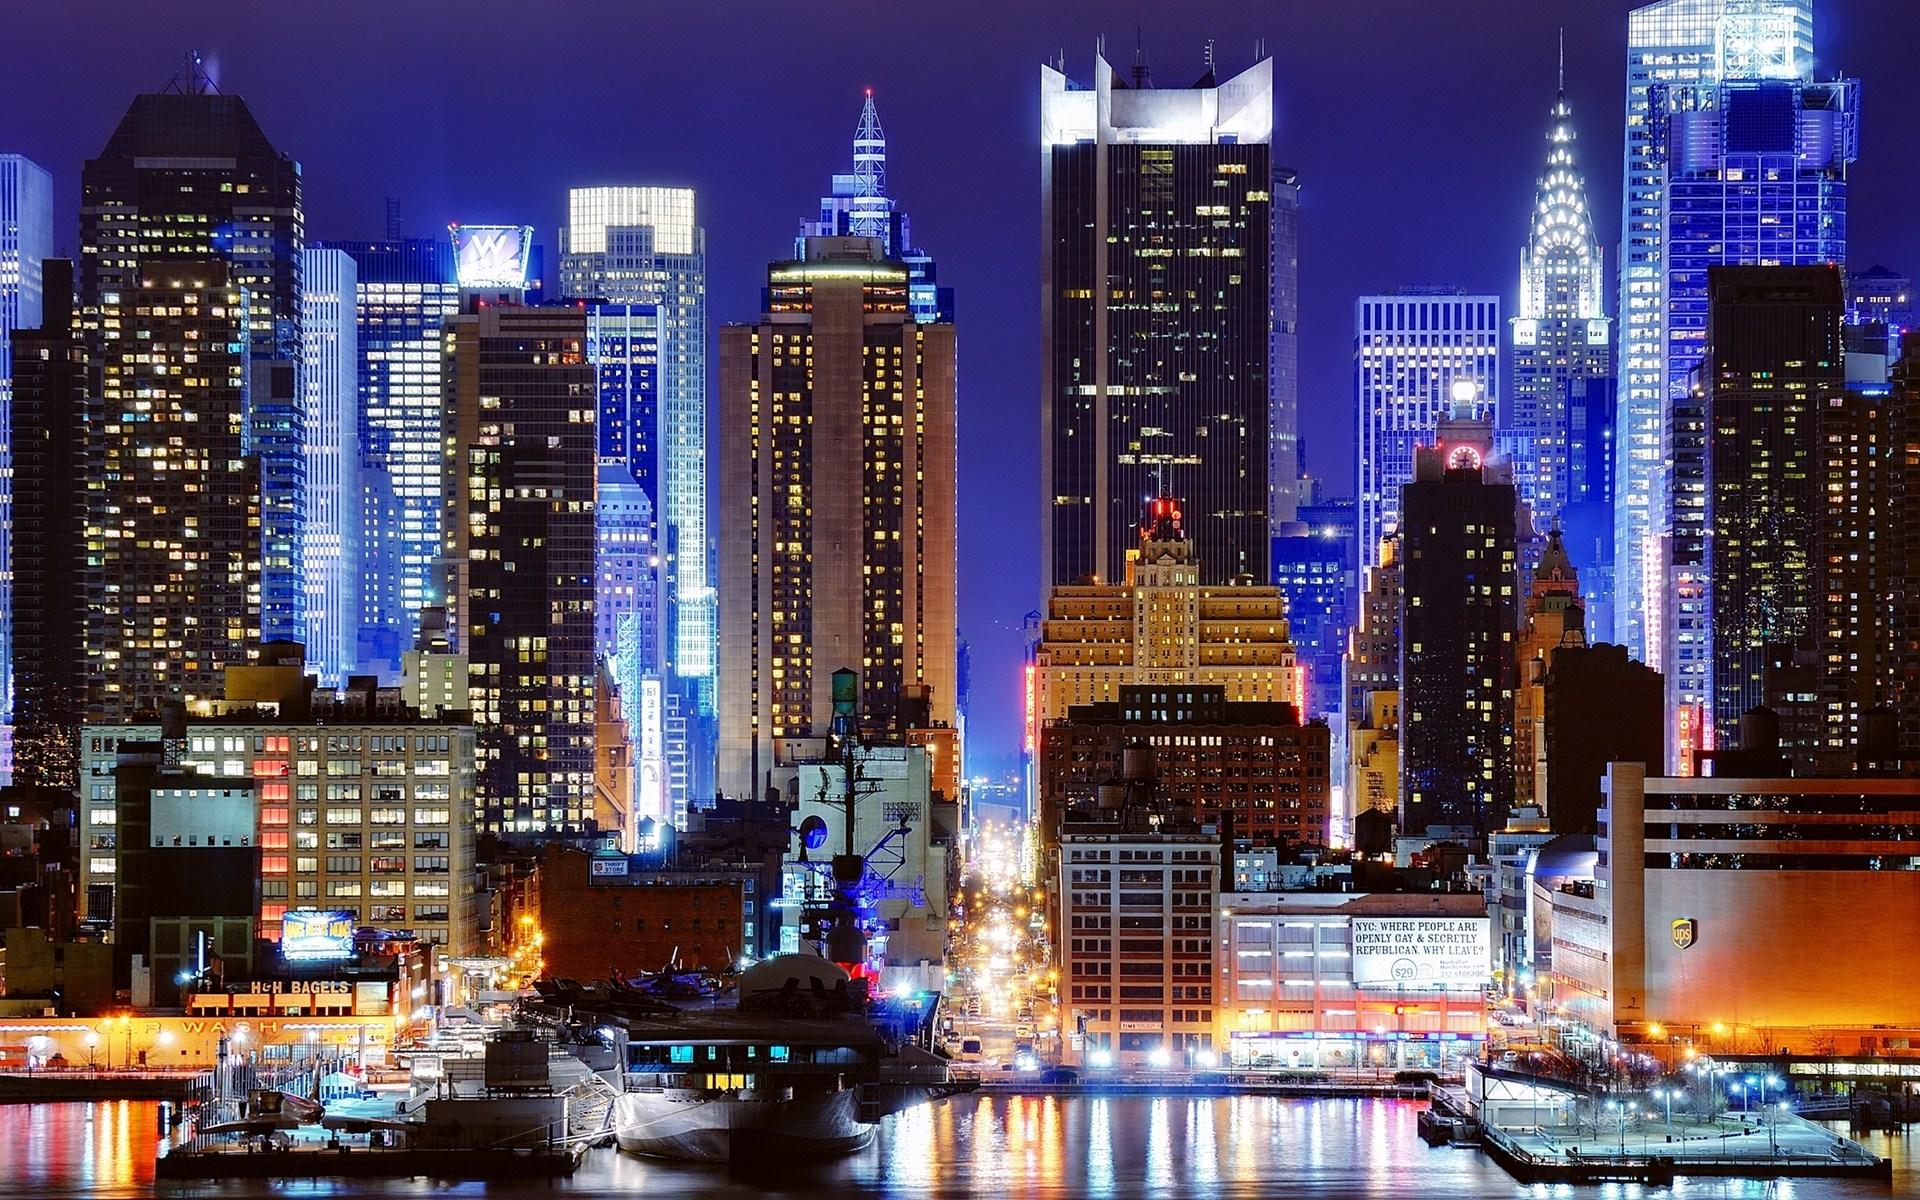 Красивые картинки города на телефон в хорошем качестве